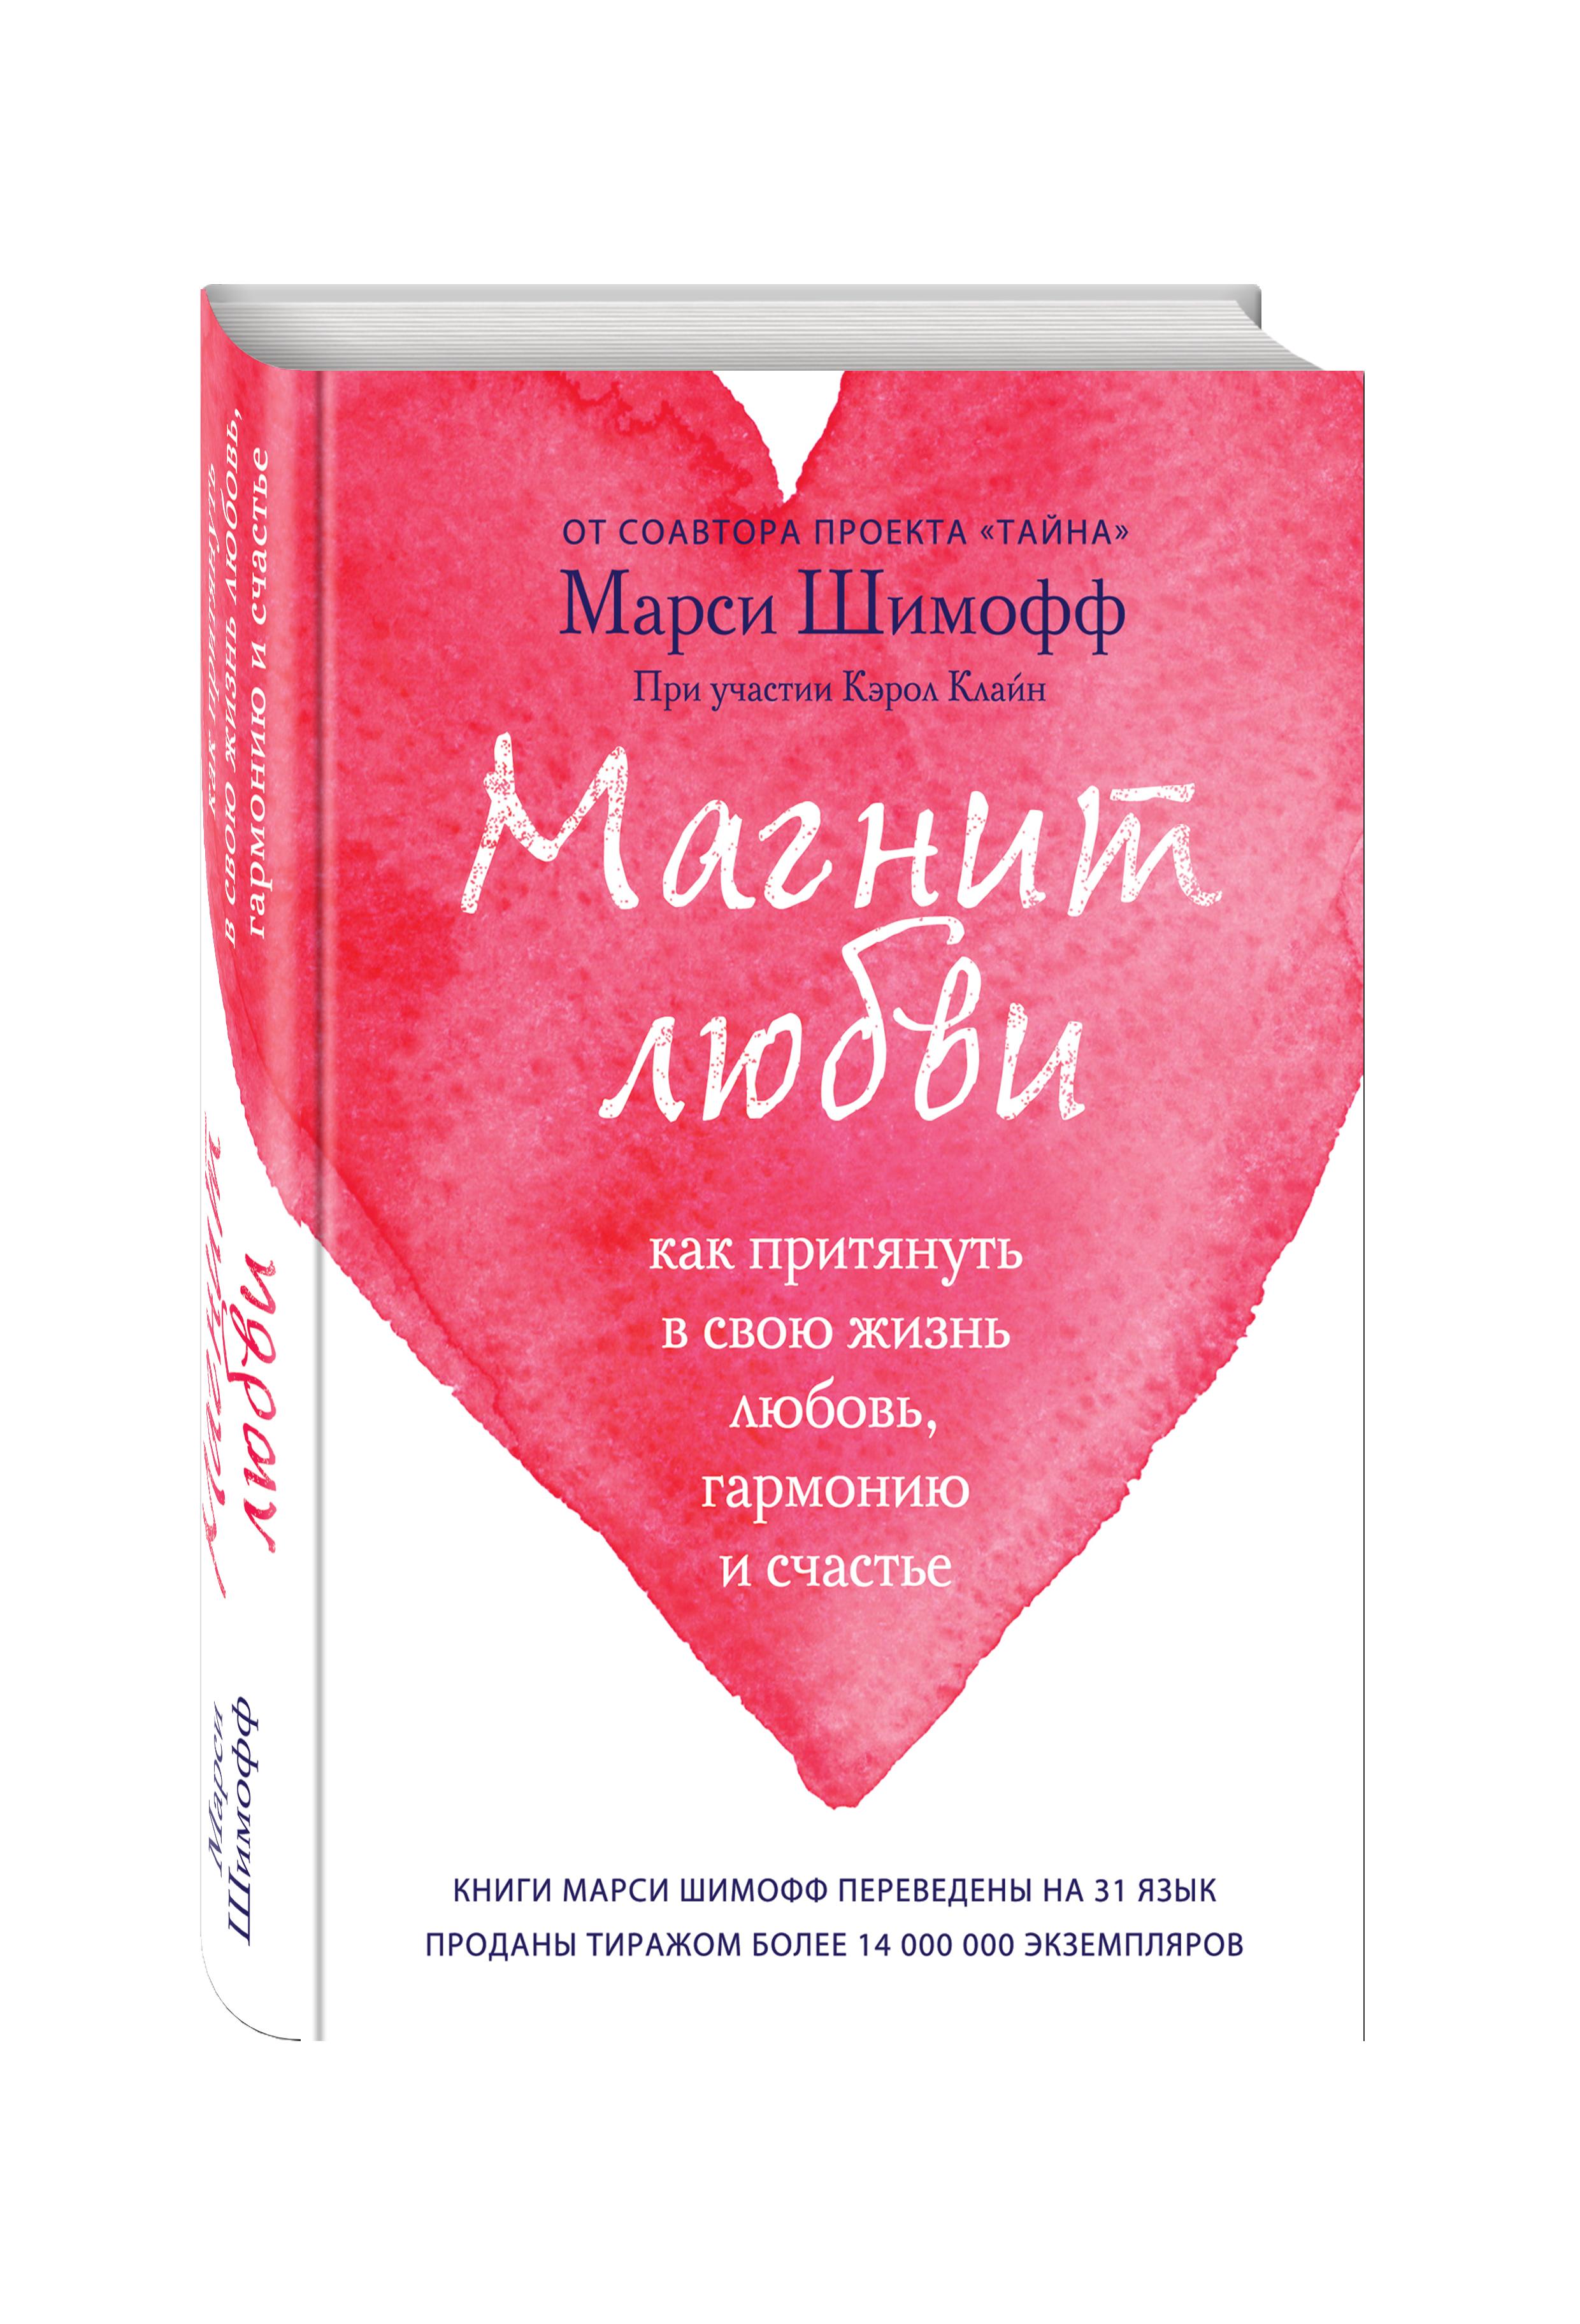 Шимофф М. Магнит любви. Как притянуть в свою жизнь любовь, гармонию и счастье ISBN: 978-5-699-82329-1 шимофф марси клайн кэрол книга 1 про счастье